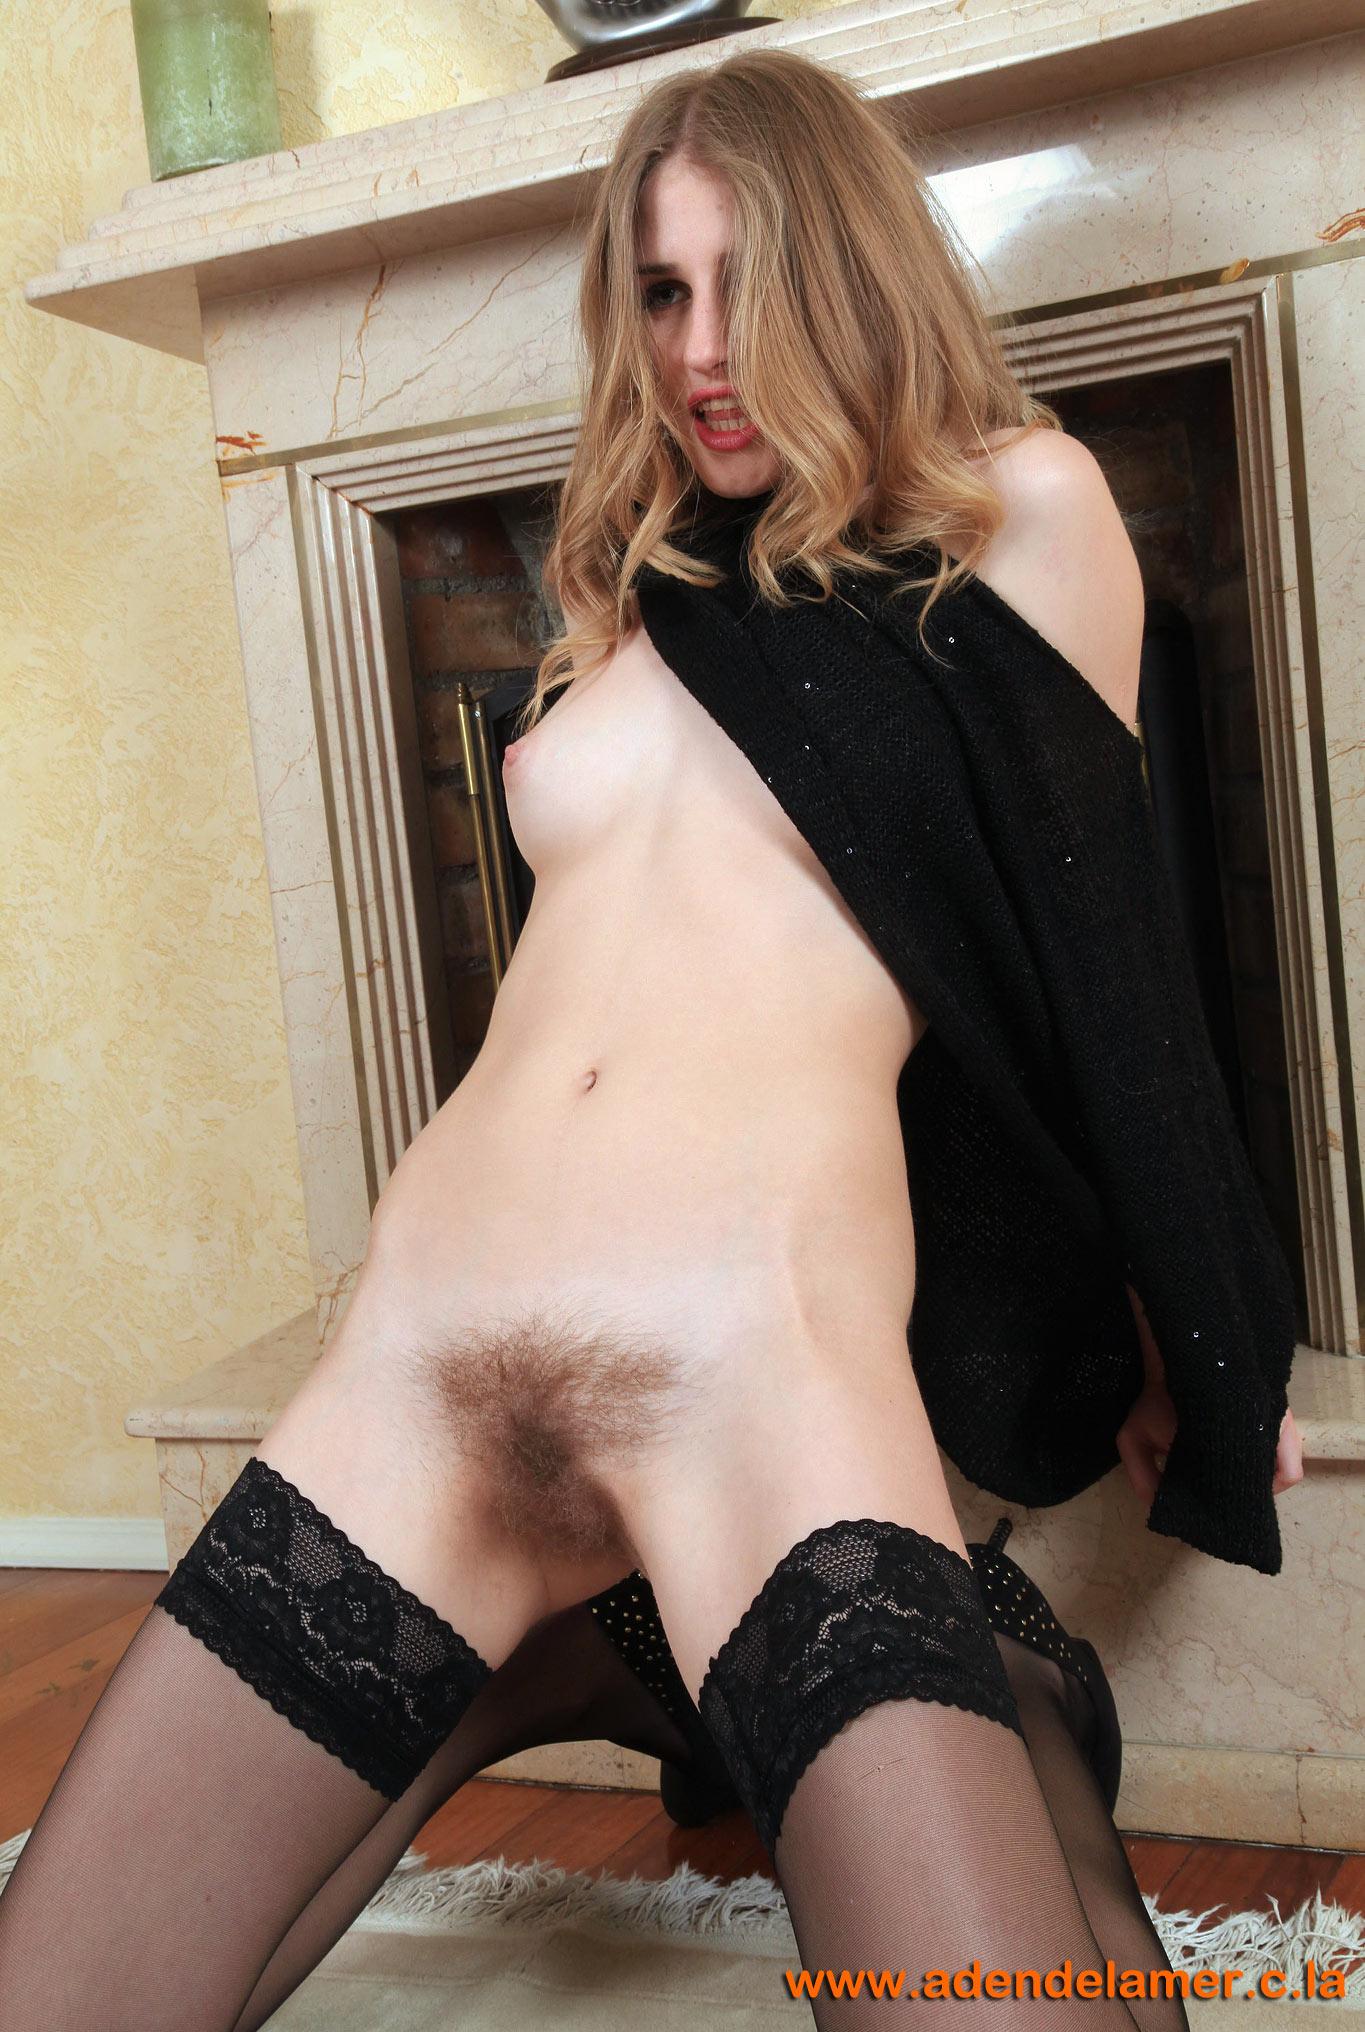 http://jemal.okuh.free.fr/Hairy/319/images/112.jpg